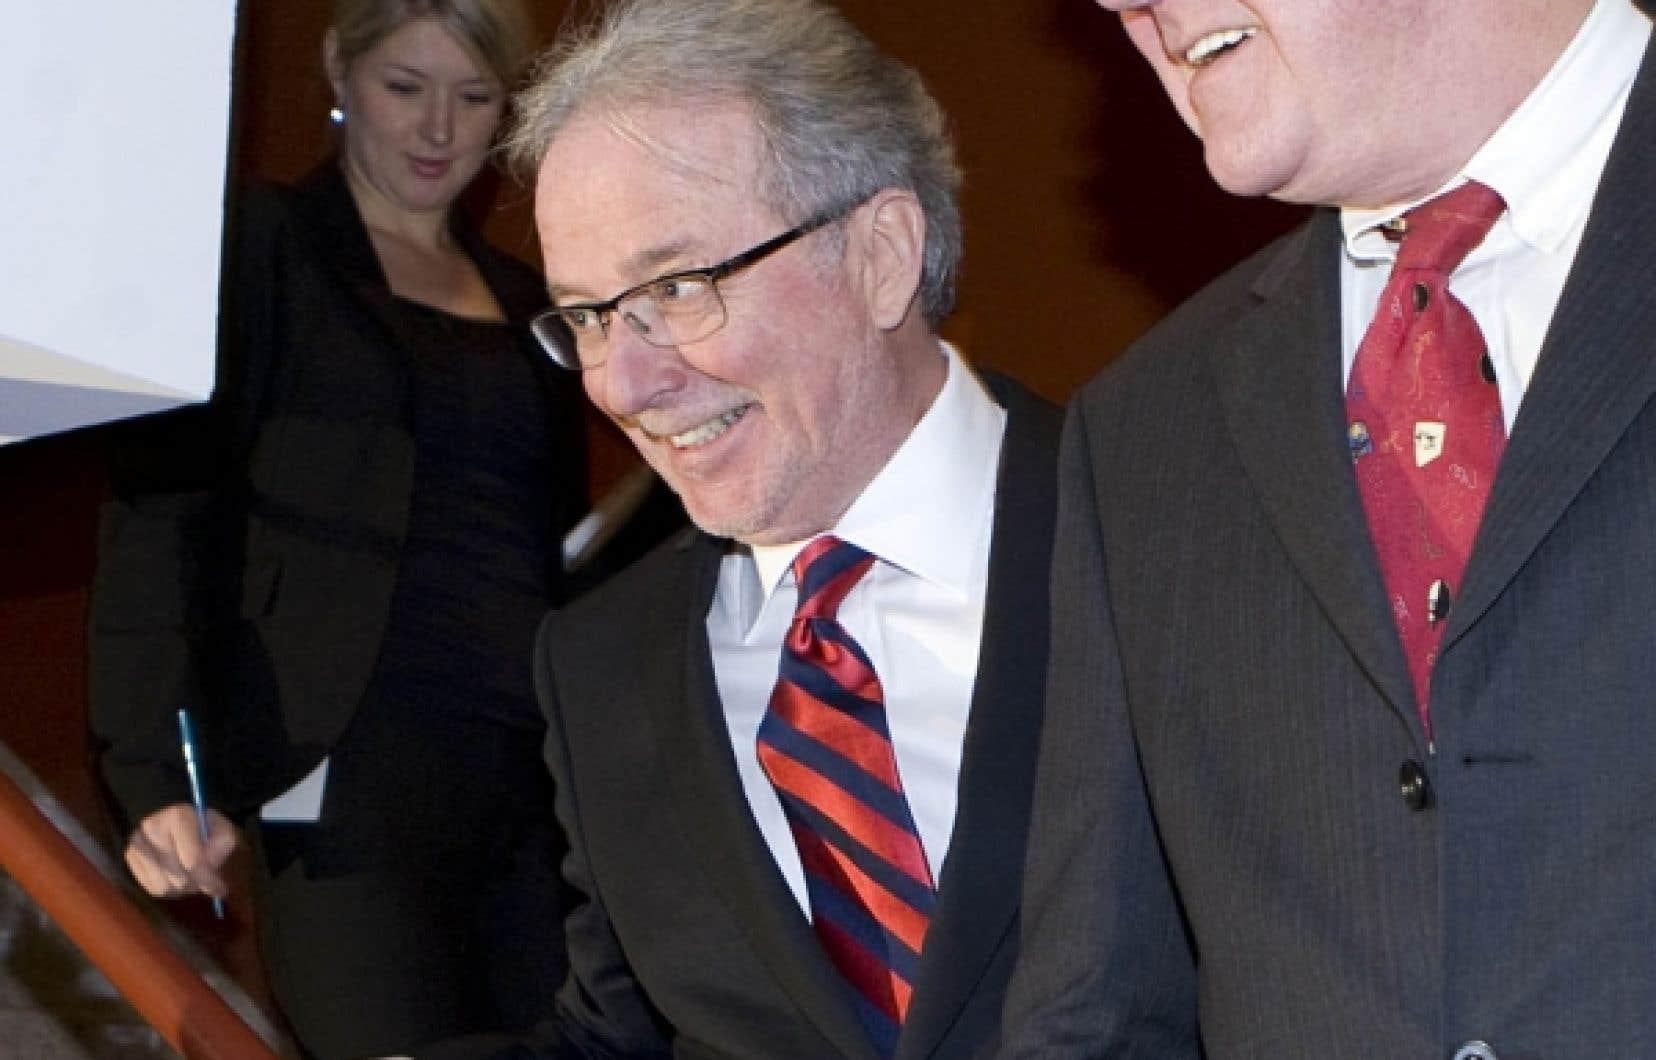 Arrivé ex æquo avec son rival au scrutin, le Dr Charles Bernard (à gauche) a été finalement choisi grâce à un tirage au sort. À droite, le p.-d.g. sortant, le Dr Yves Lamontagne.<br />